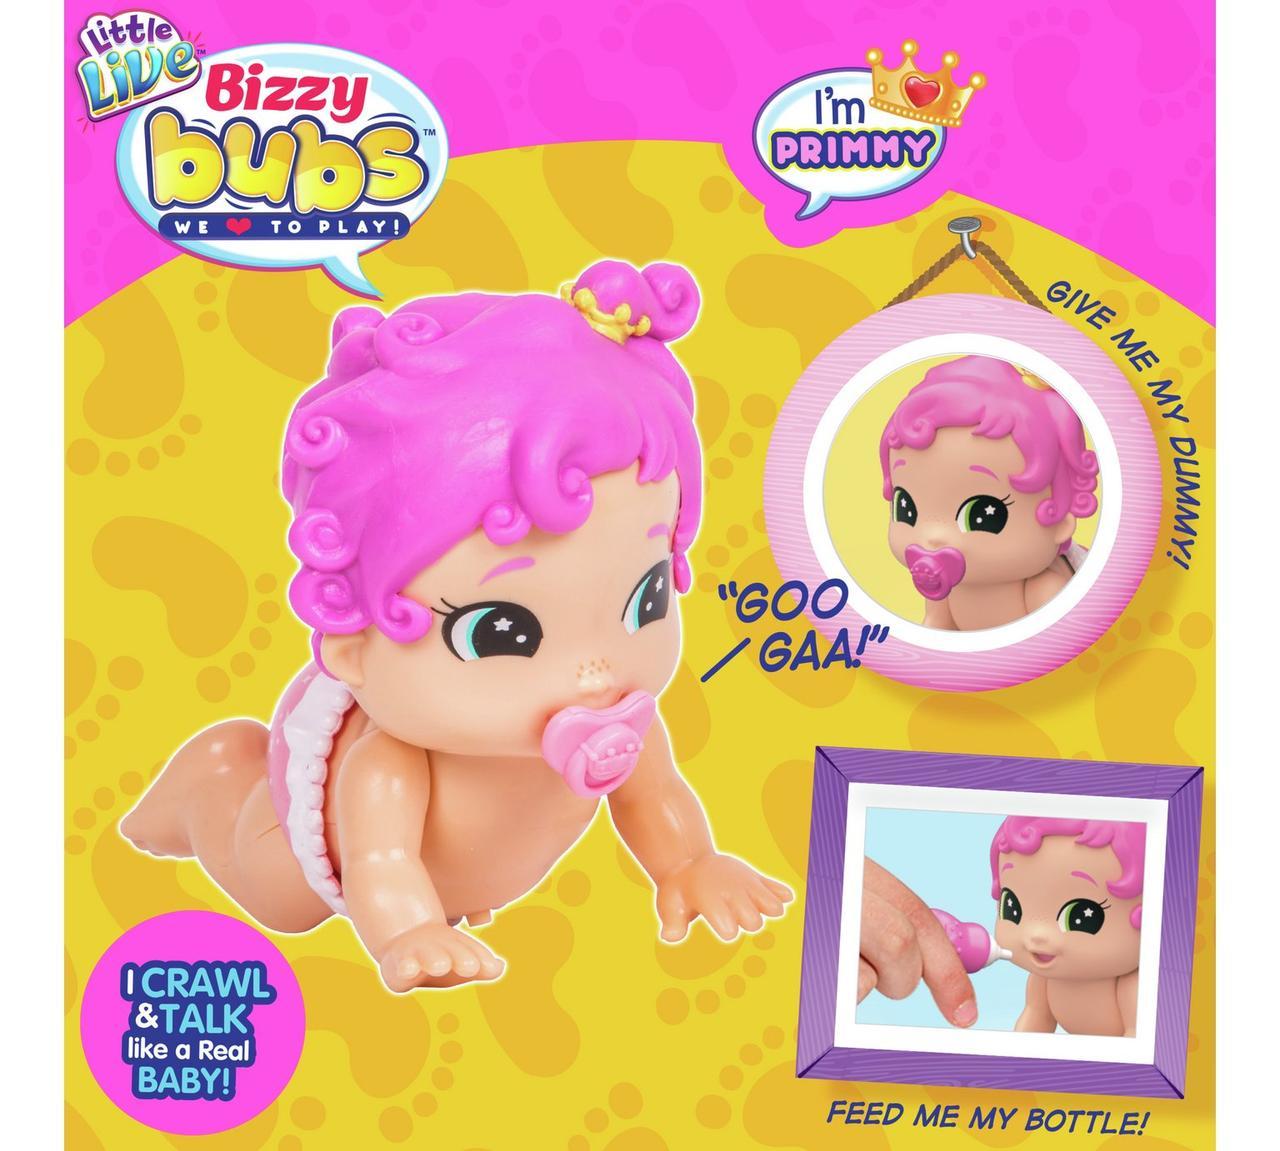 Интерактивные игрушки Bizzy Bubs Primmy Пупсики малышки Little Live Pets Биззи Бабс Примми кукла